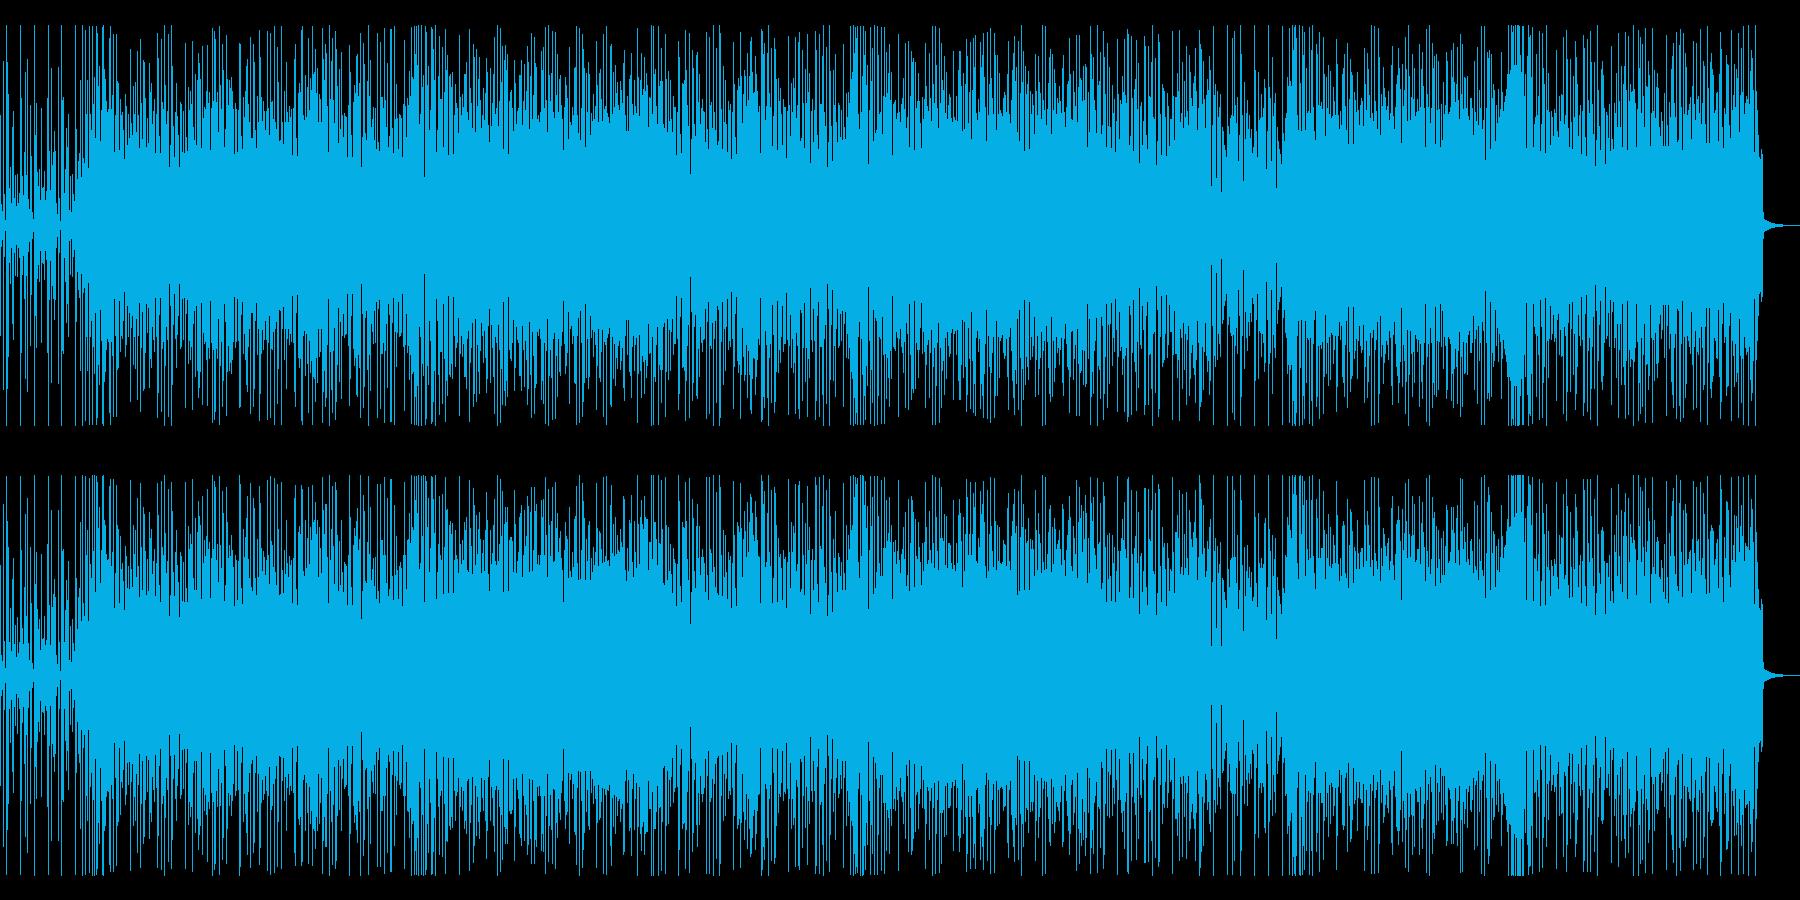 スタイリッシュなファンクギター&リズムの再生済みの波形